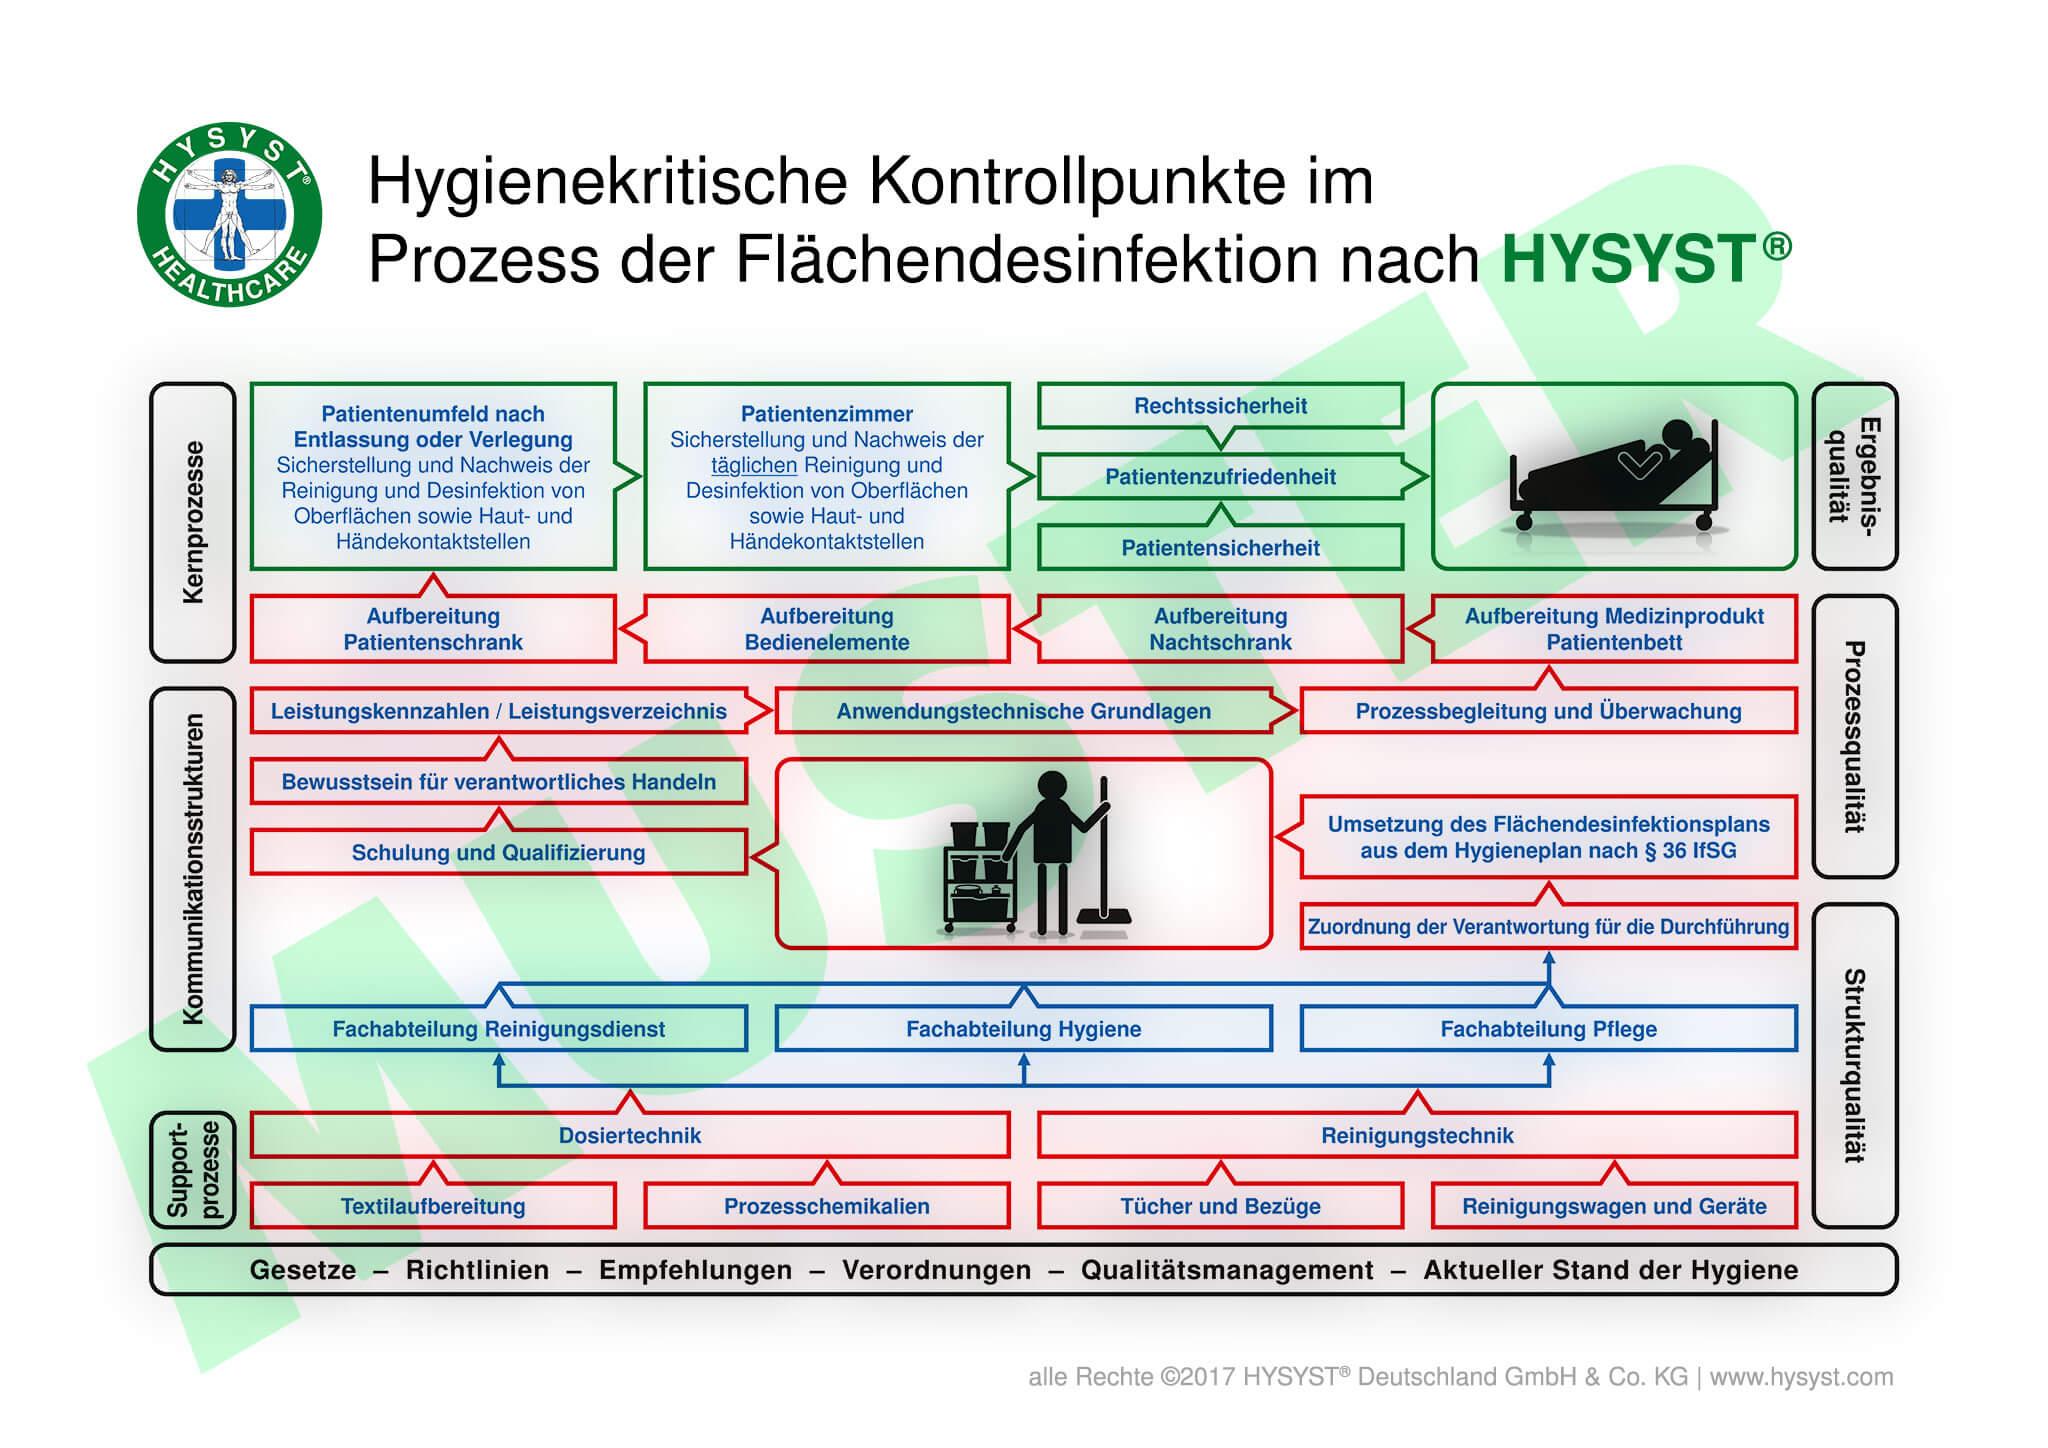 Hygienekritische Kontrollpunkte im Prozess der Flächendesinfektion nach HYSYST